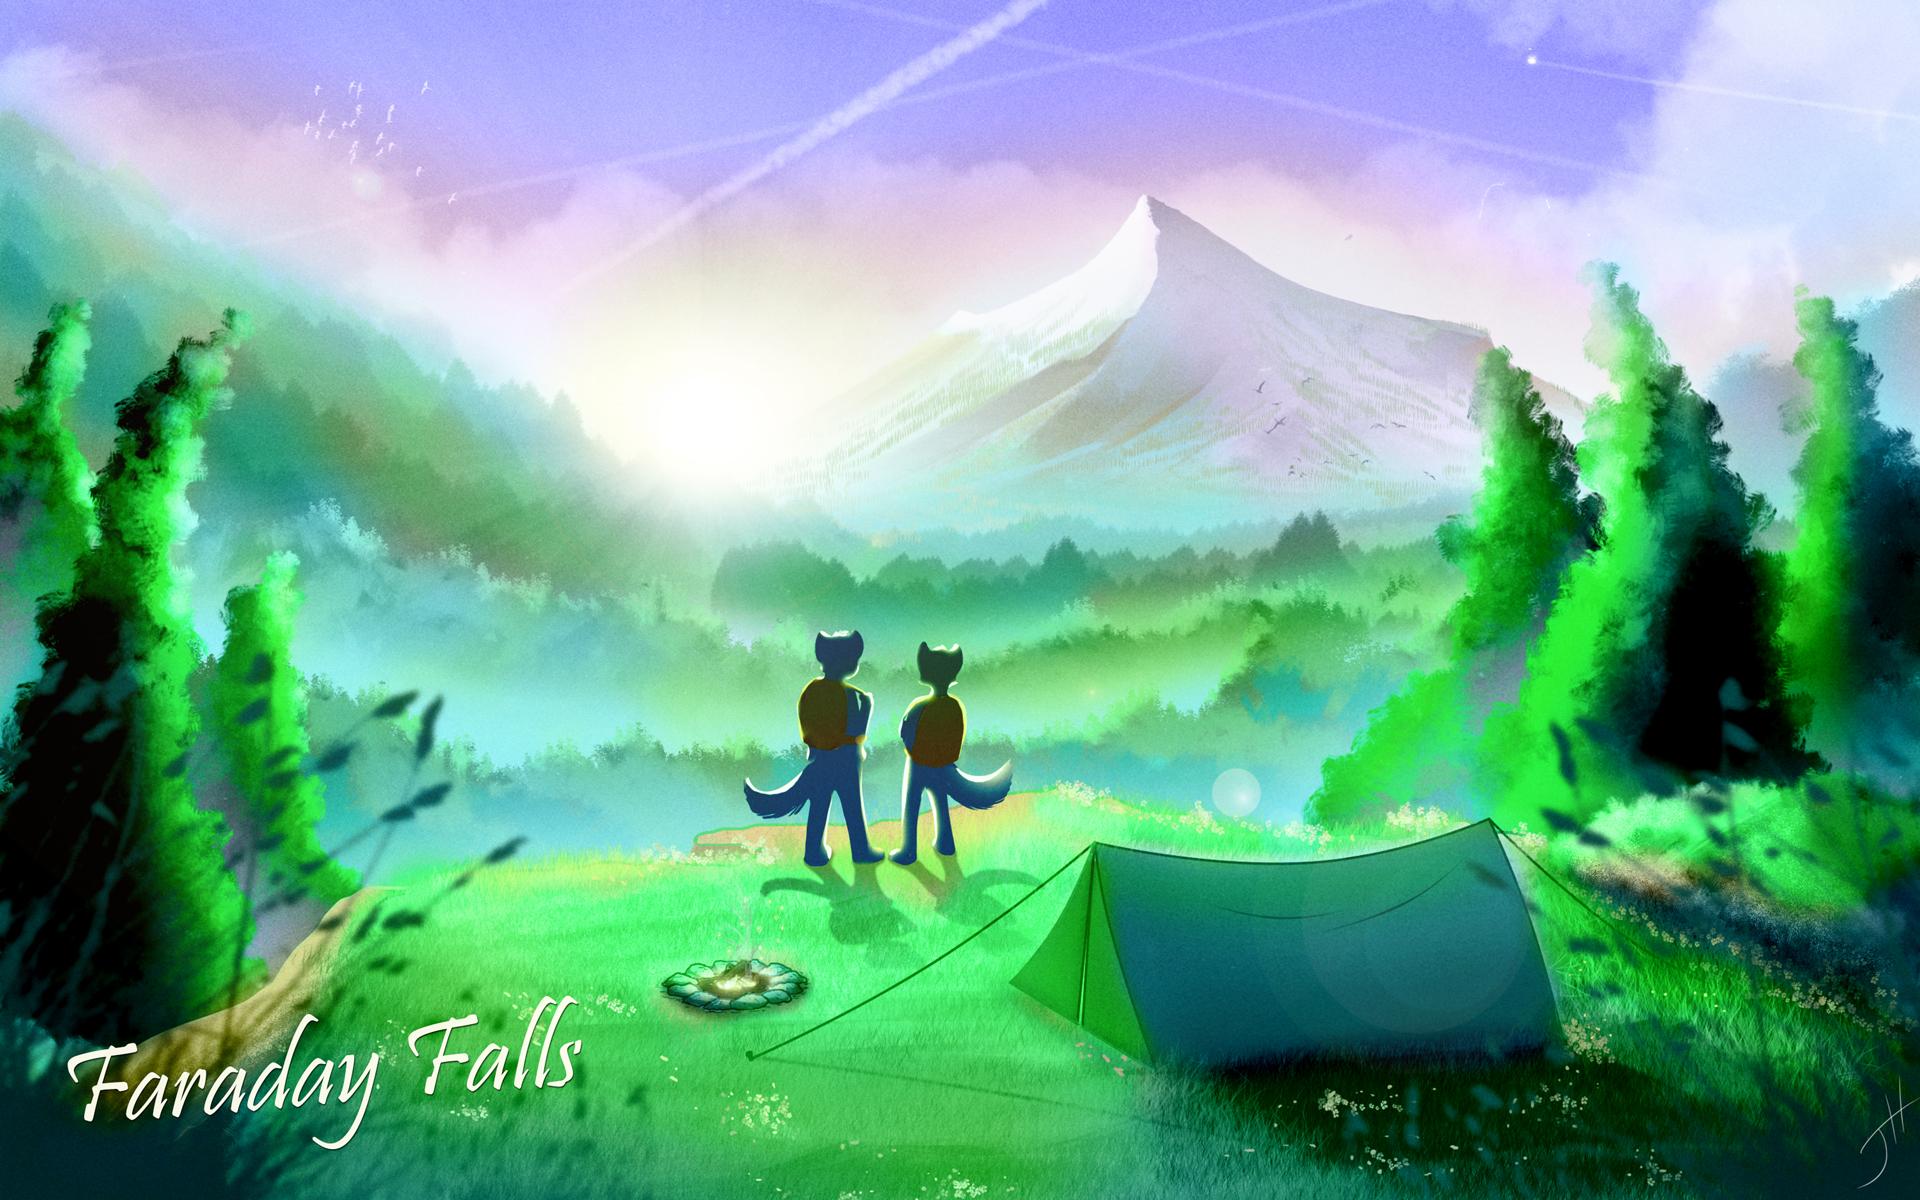 Faraday Falls